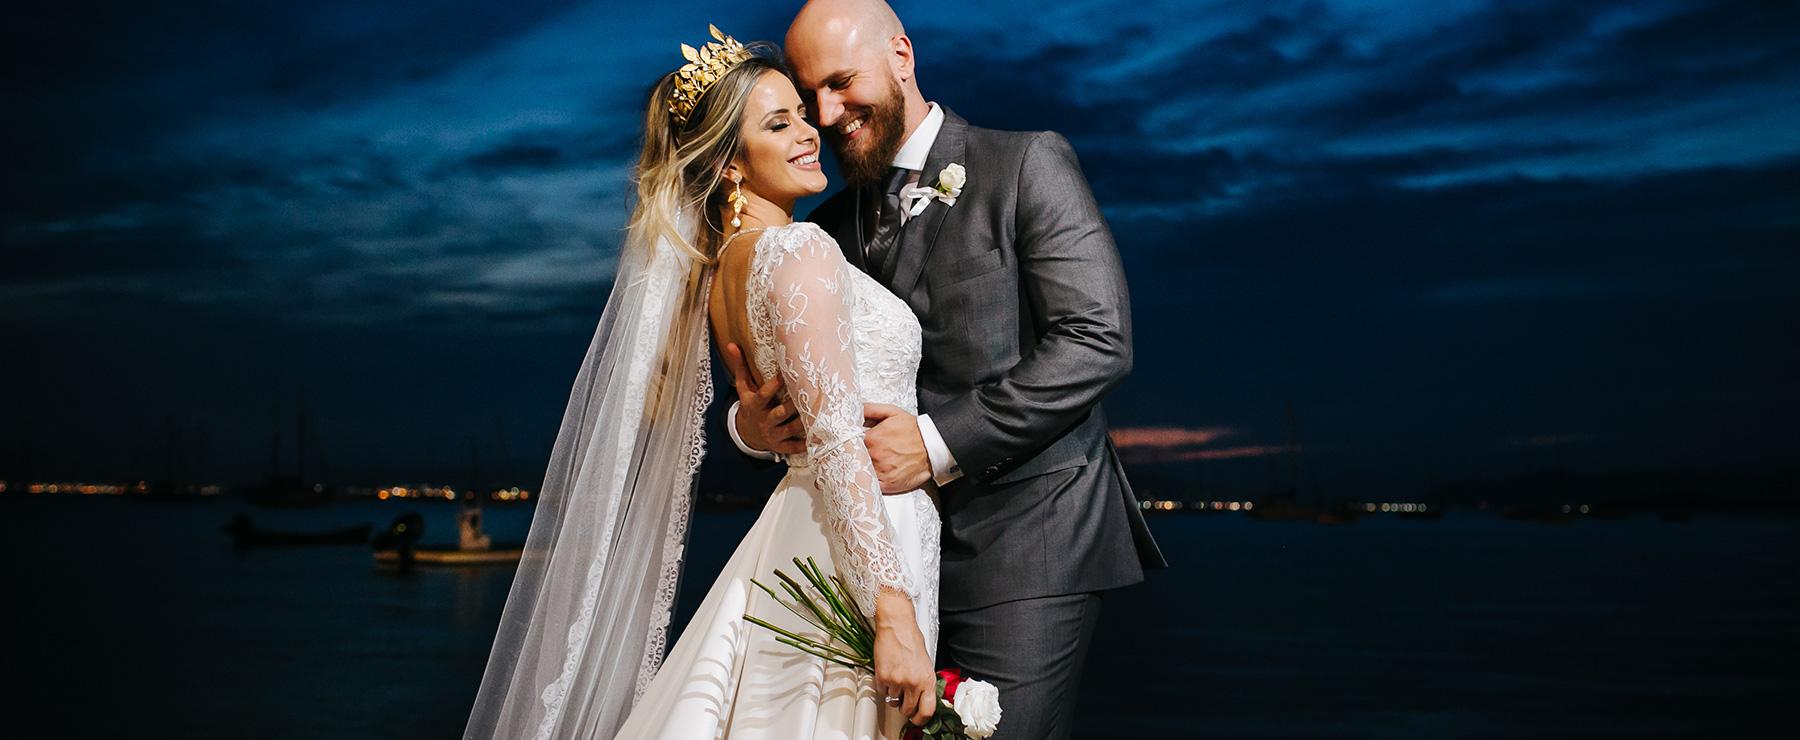 Fotos de Casamento Florianópolis - Leandro e Francieli